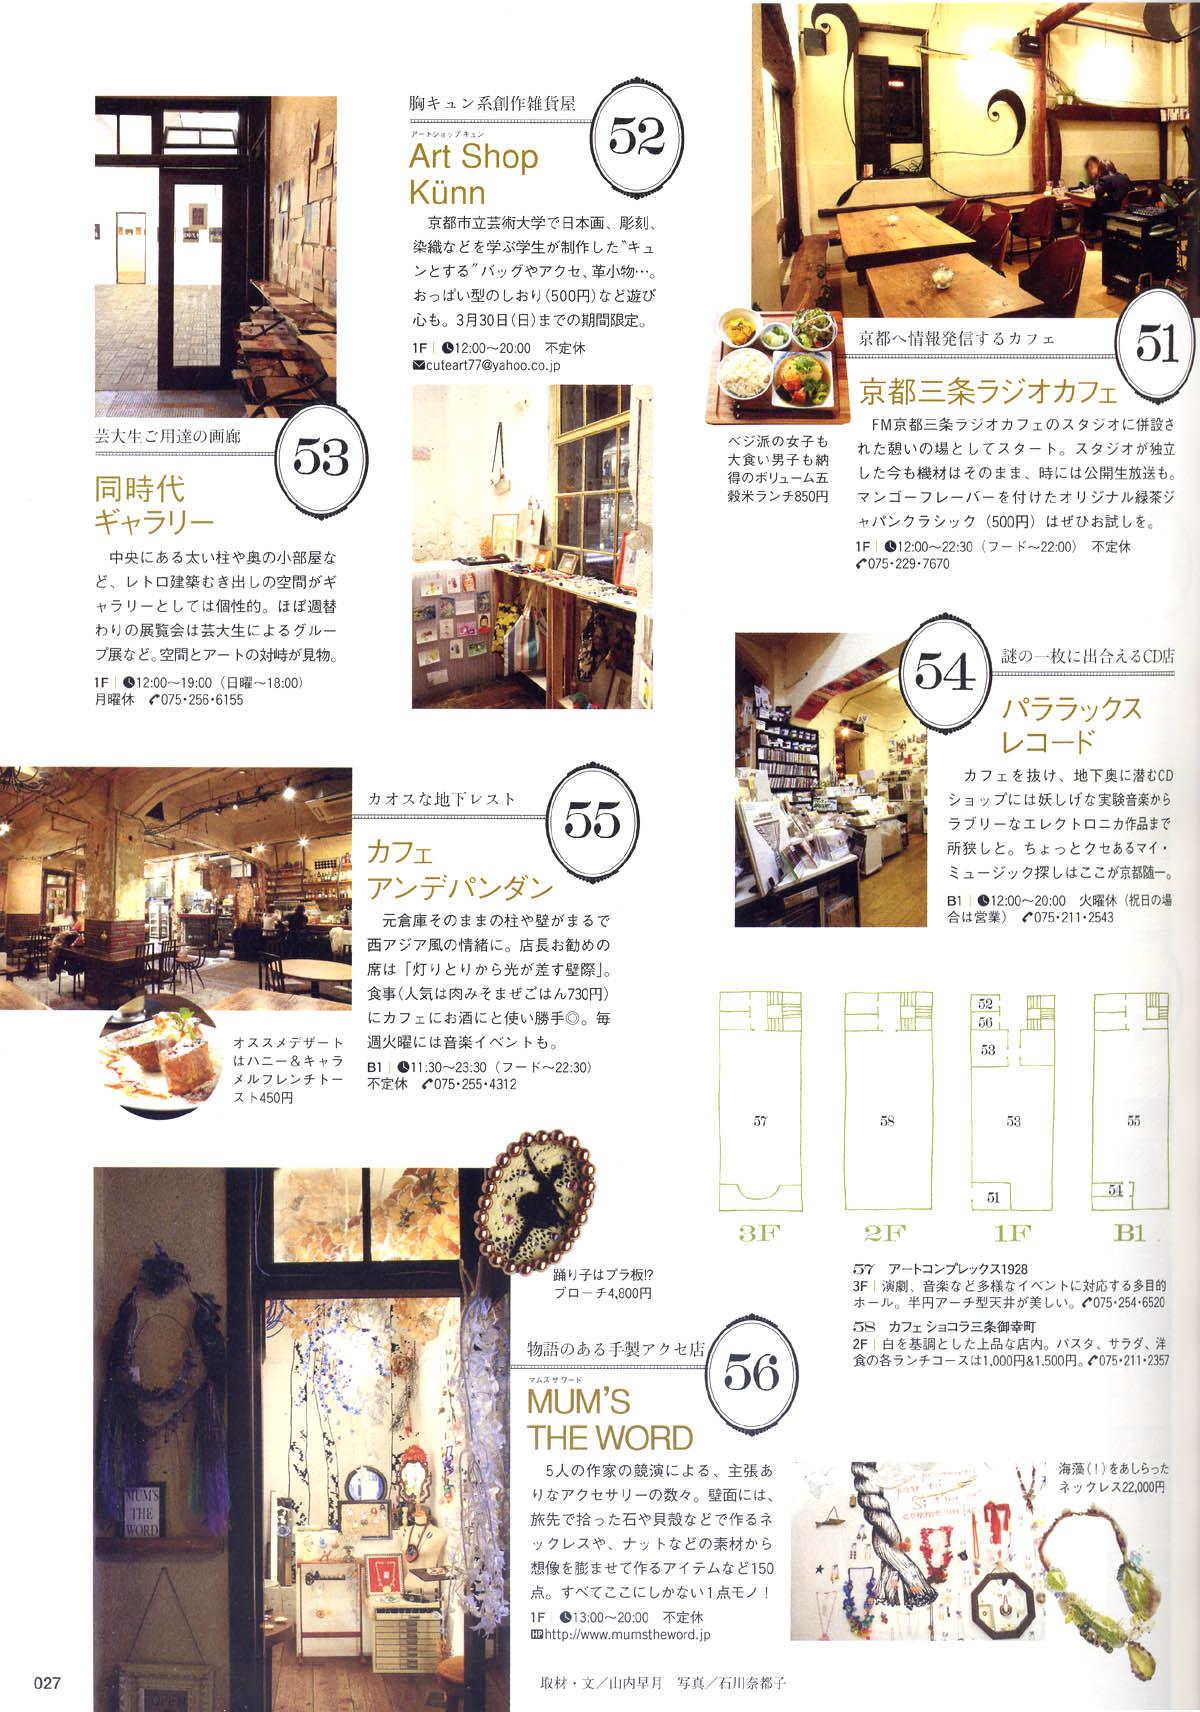 『レトロビルの店123』Lmagazine/2008年4月号